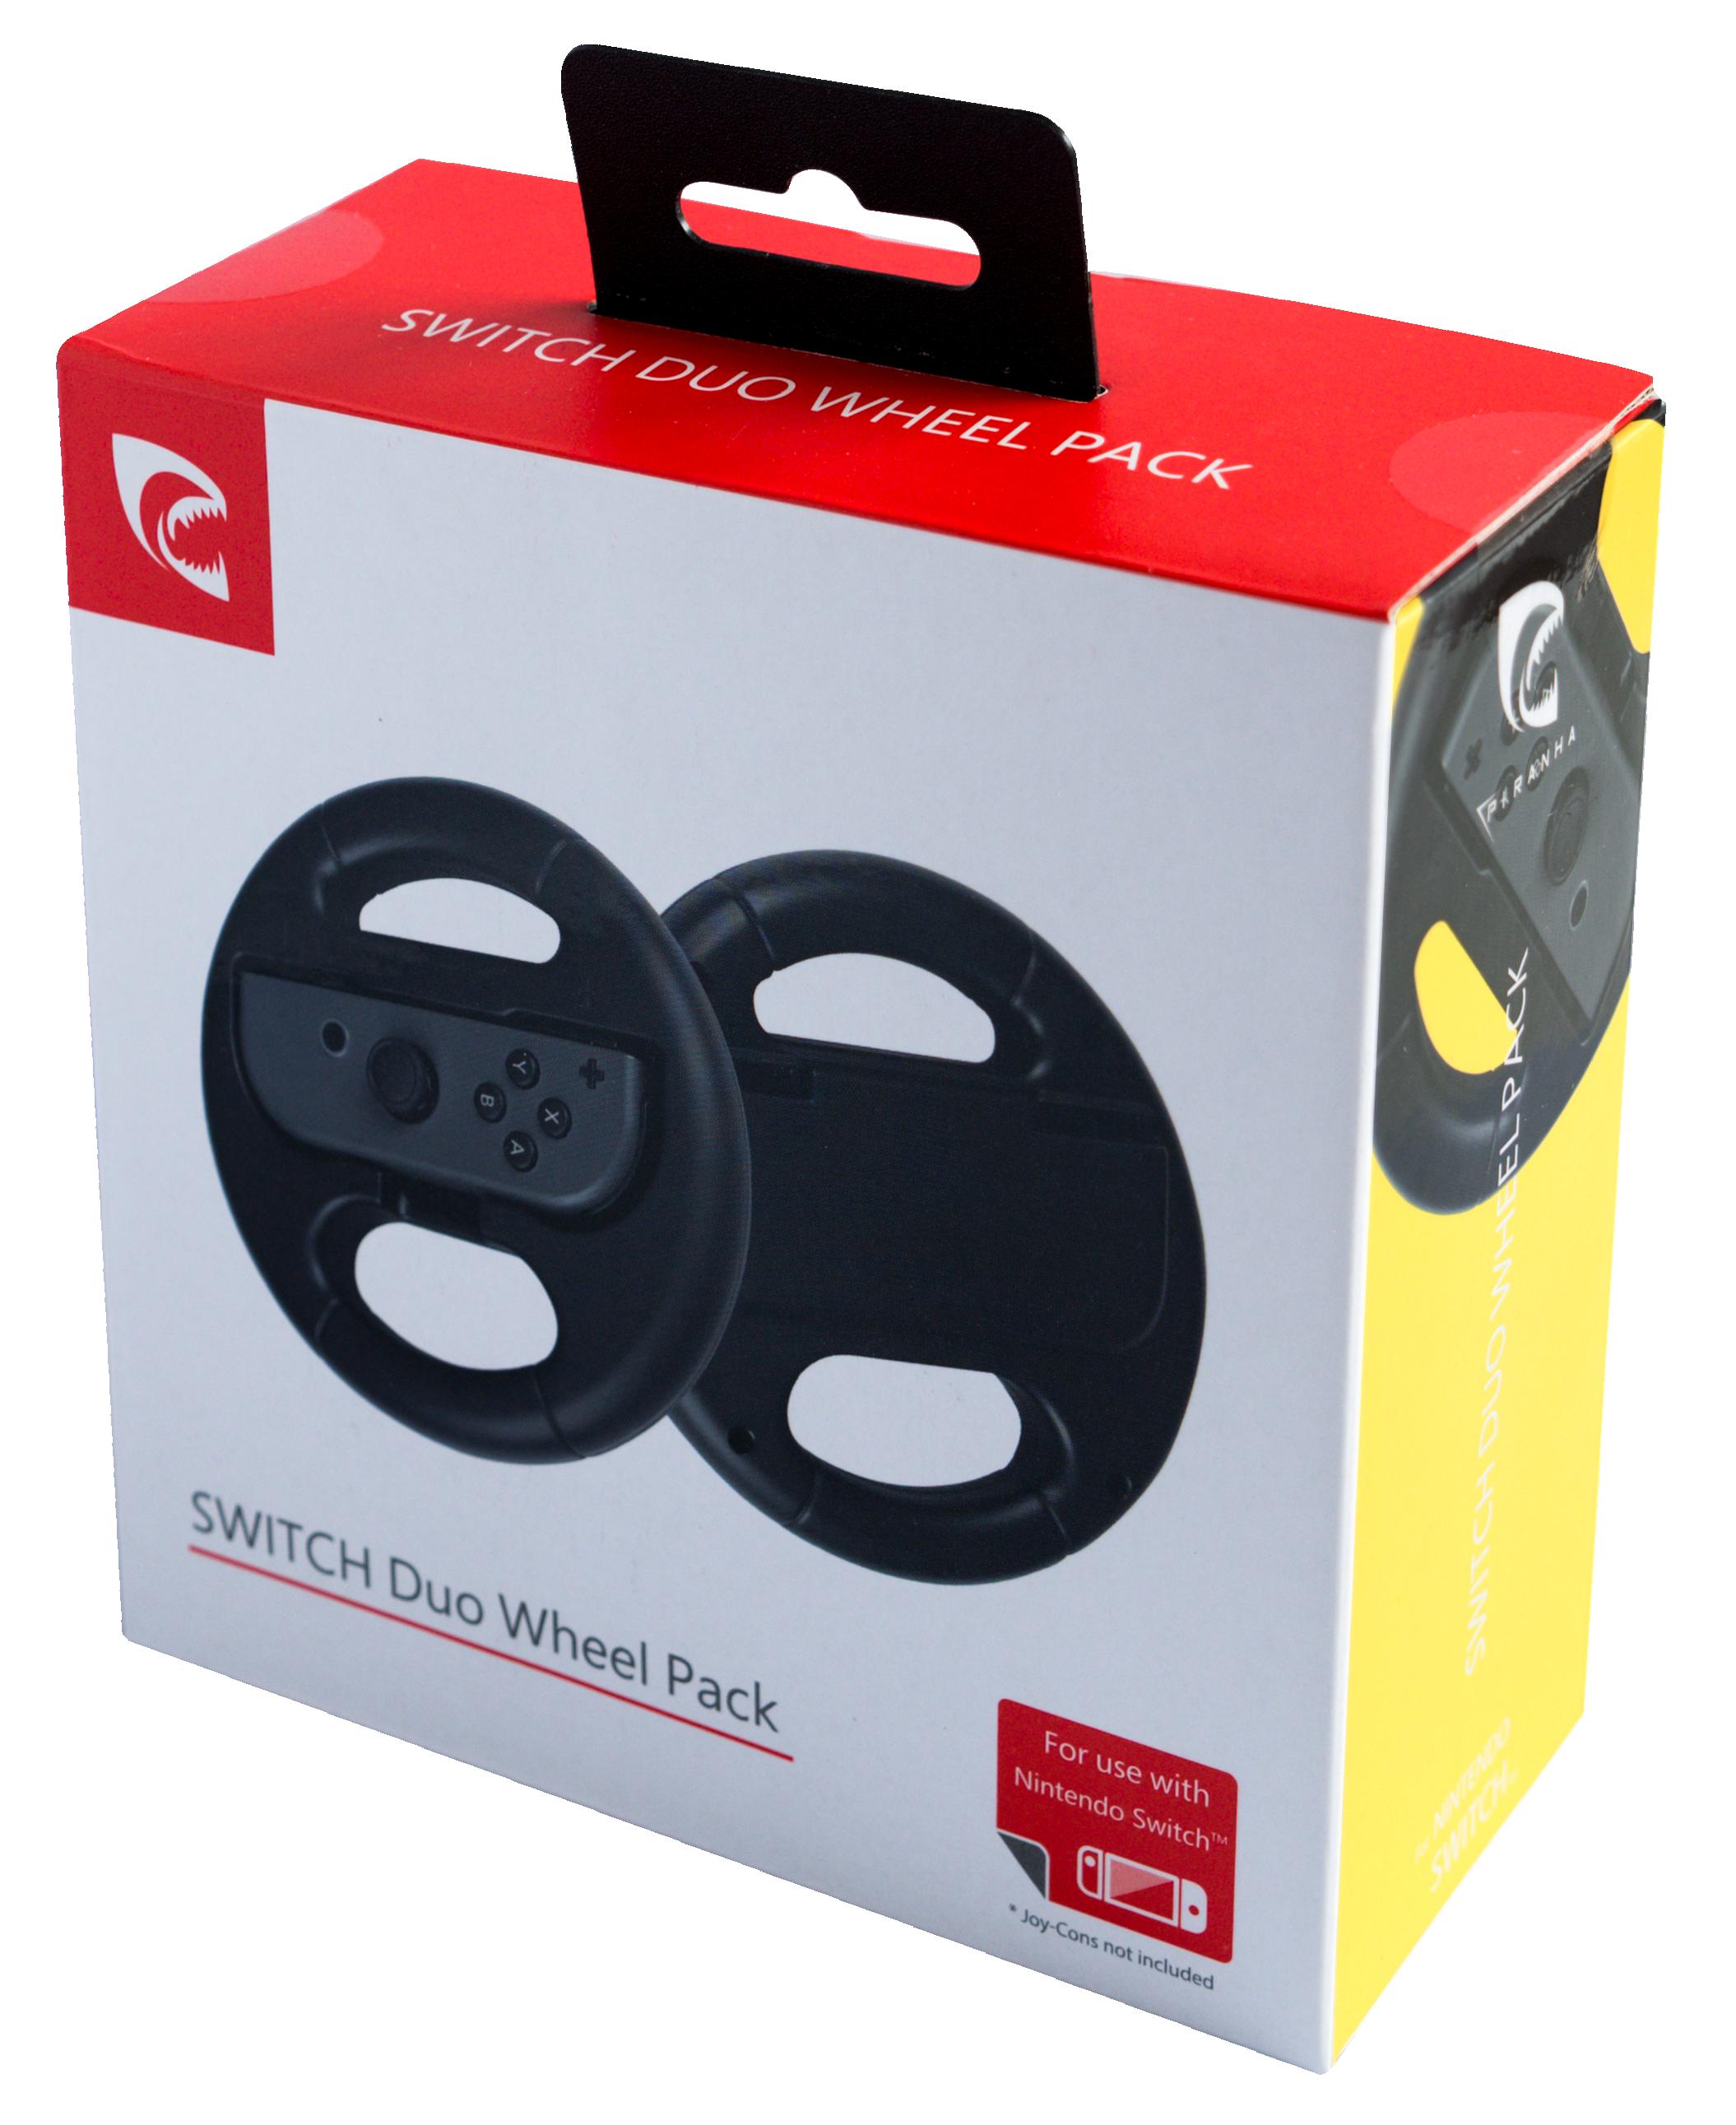 Piranha Switch Duo Wheel Pack